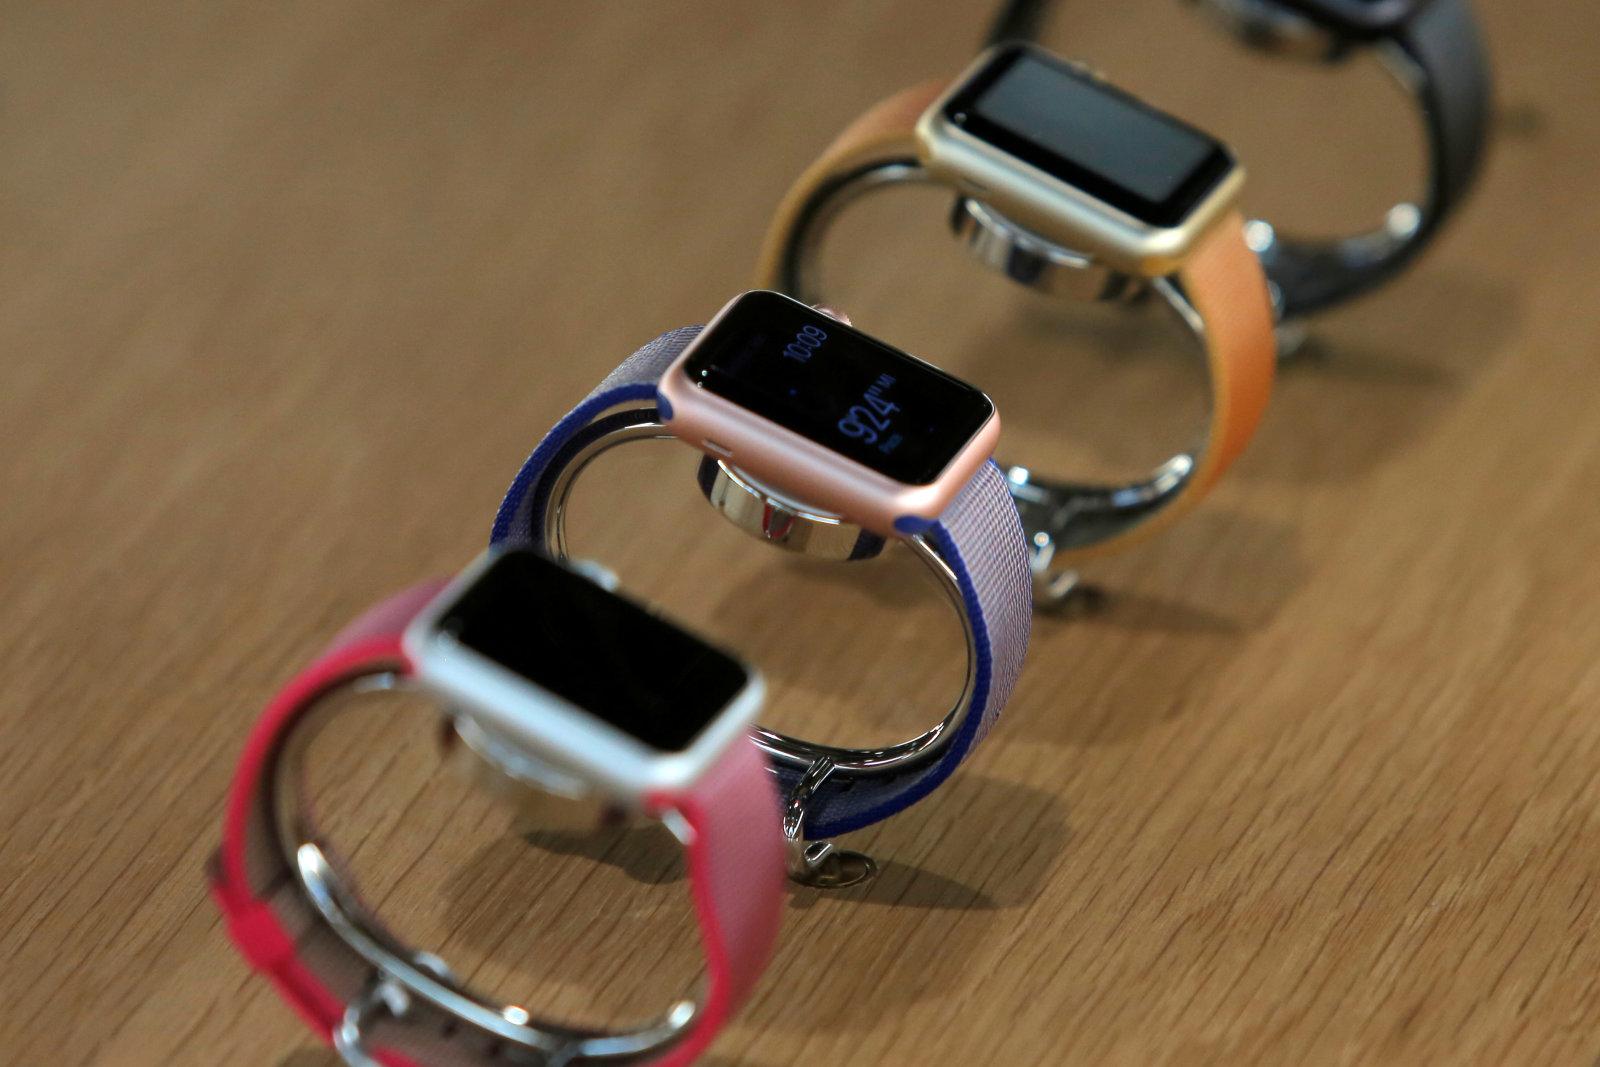 El próximo Apple Watch no tendría conexión móvil (pero sí GPS)